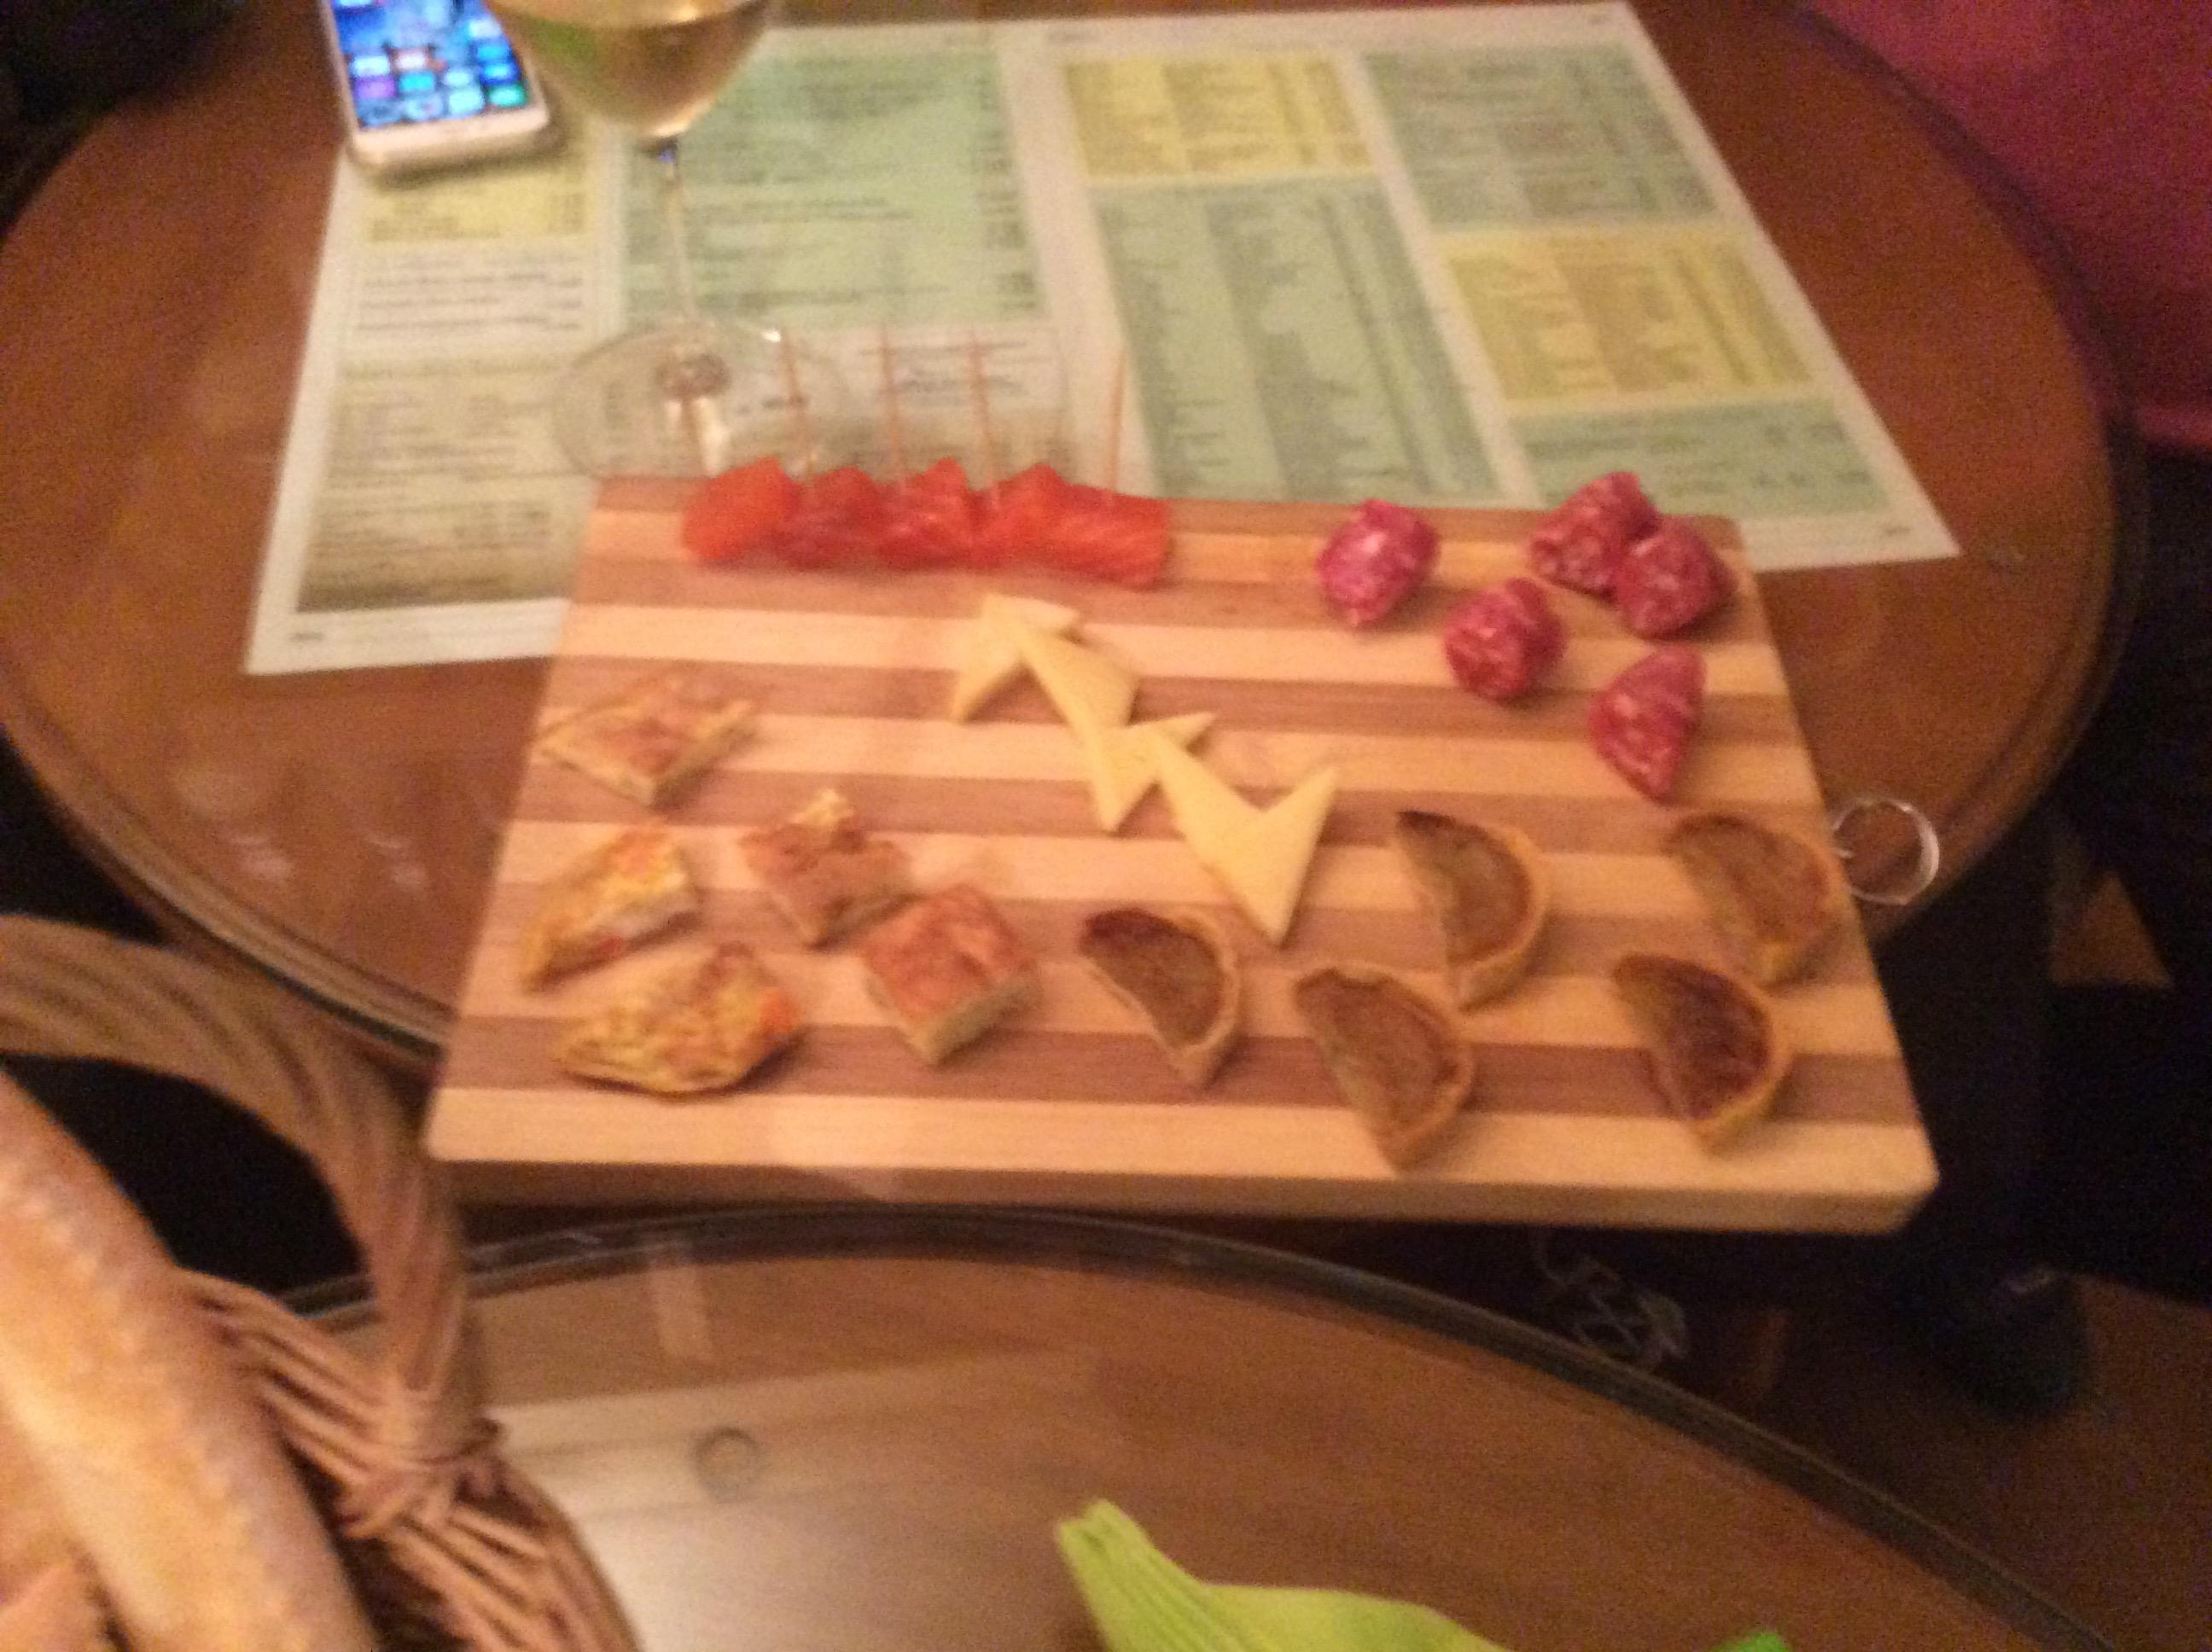 http://gourmet-italian.com/370.JPG